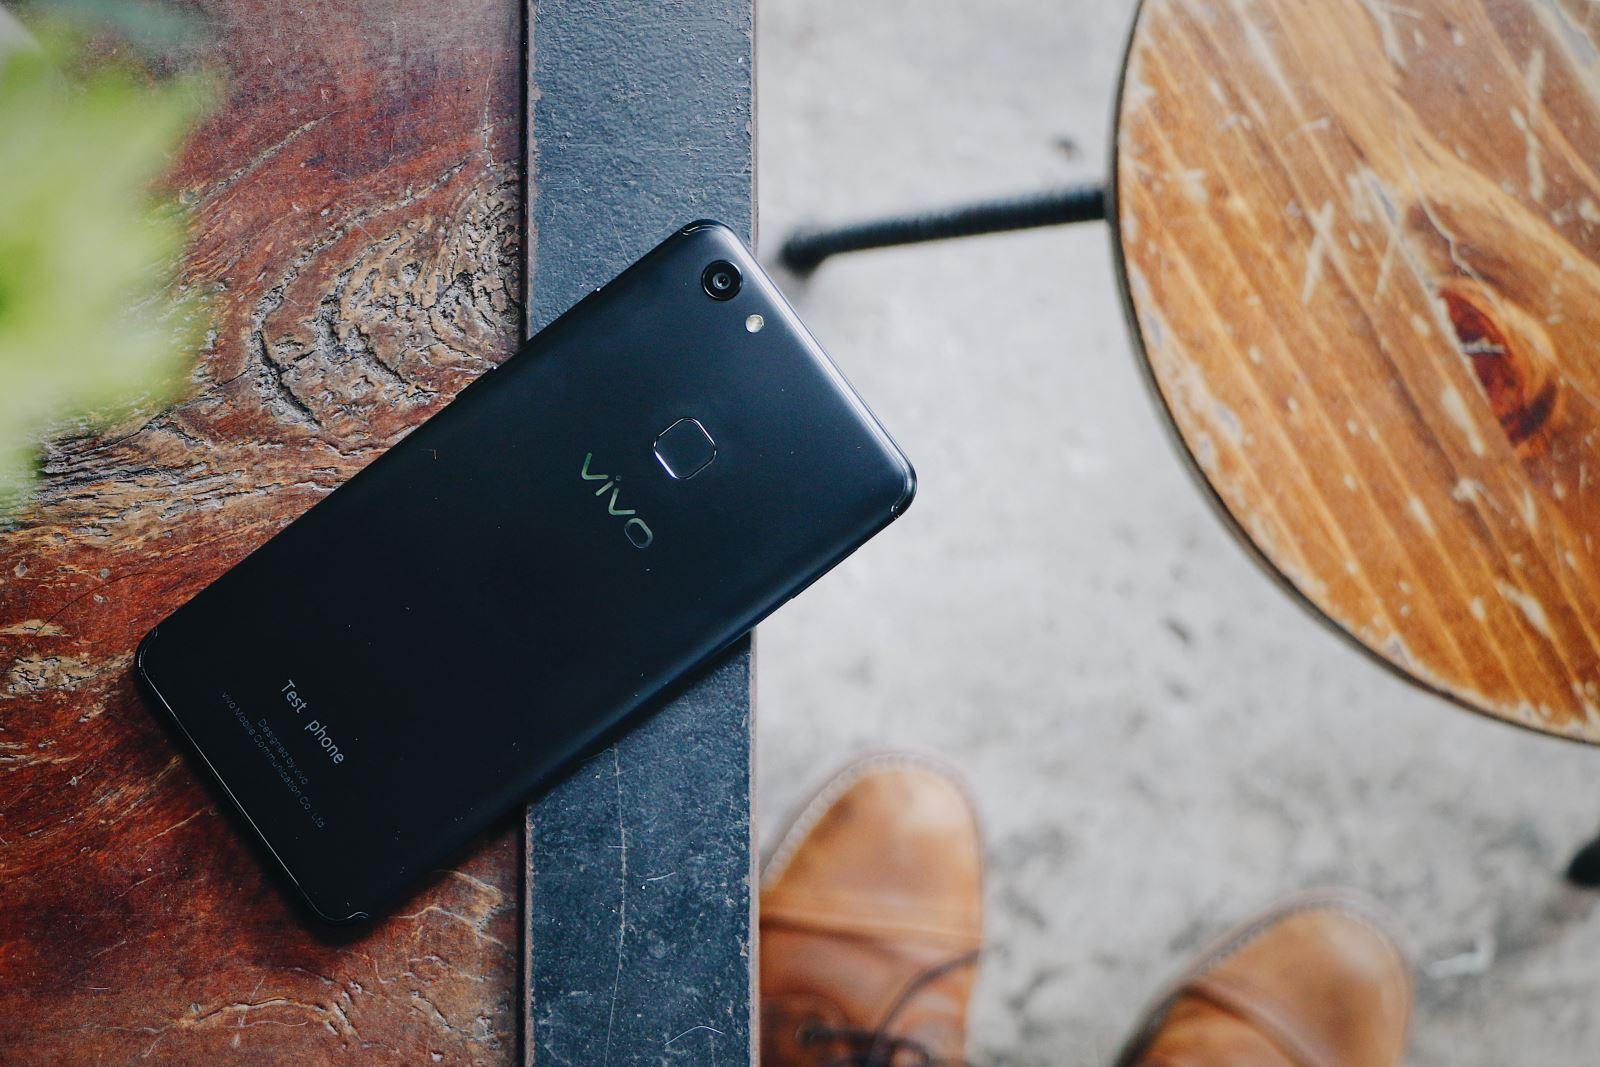 Dễ dàng sở hữu smartphone Vivo với chỉ từ 599.000 đồng tại FPT Shop